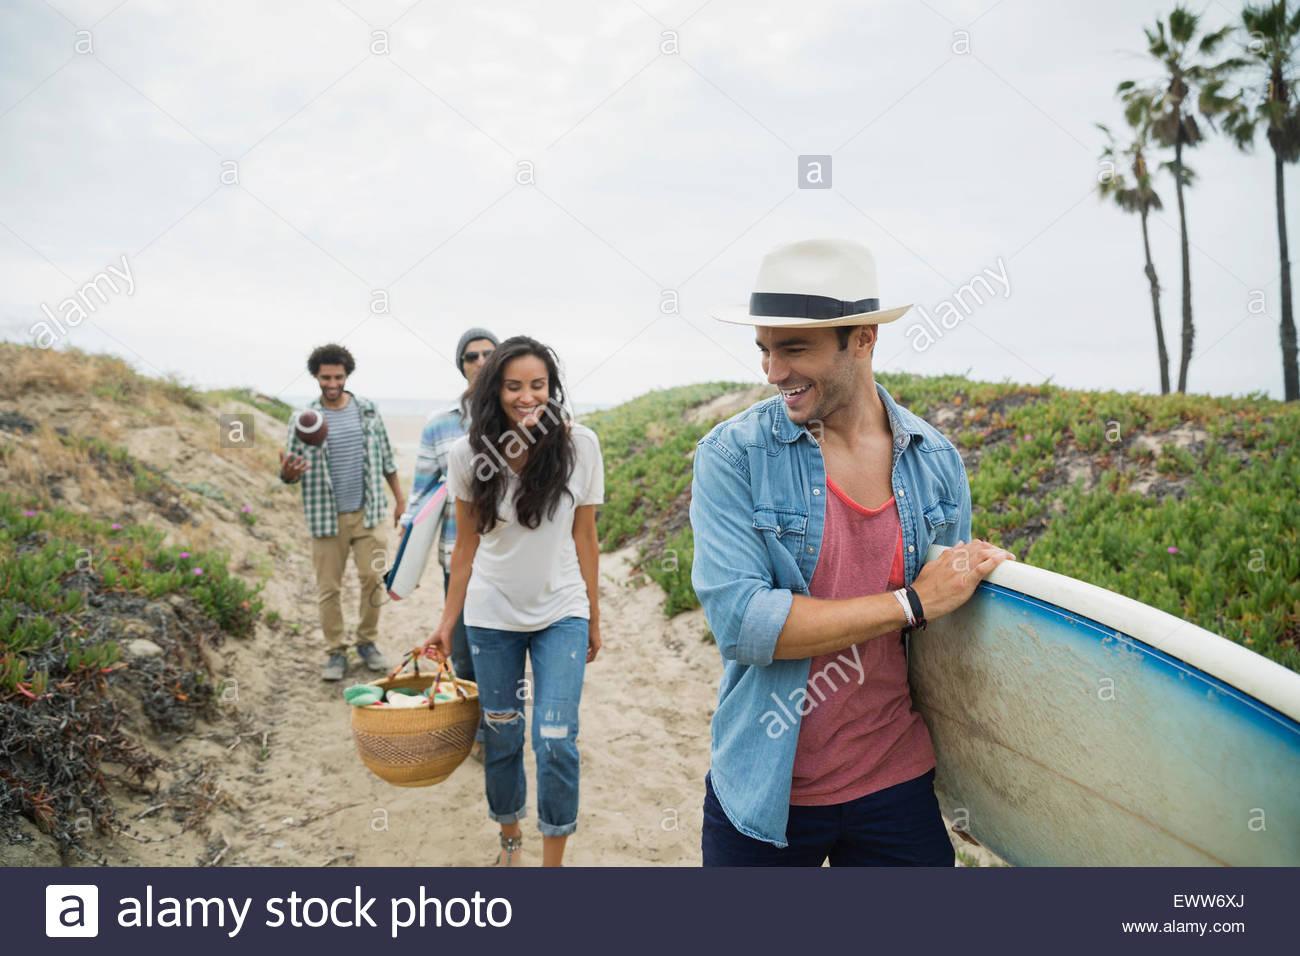 Amigos llevar tablas de surf y cesta de picnic ruta playa Imagen De Stock